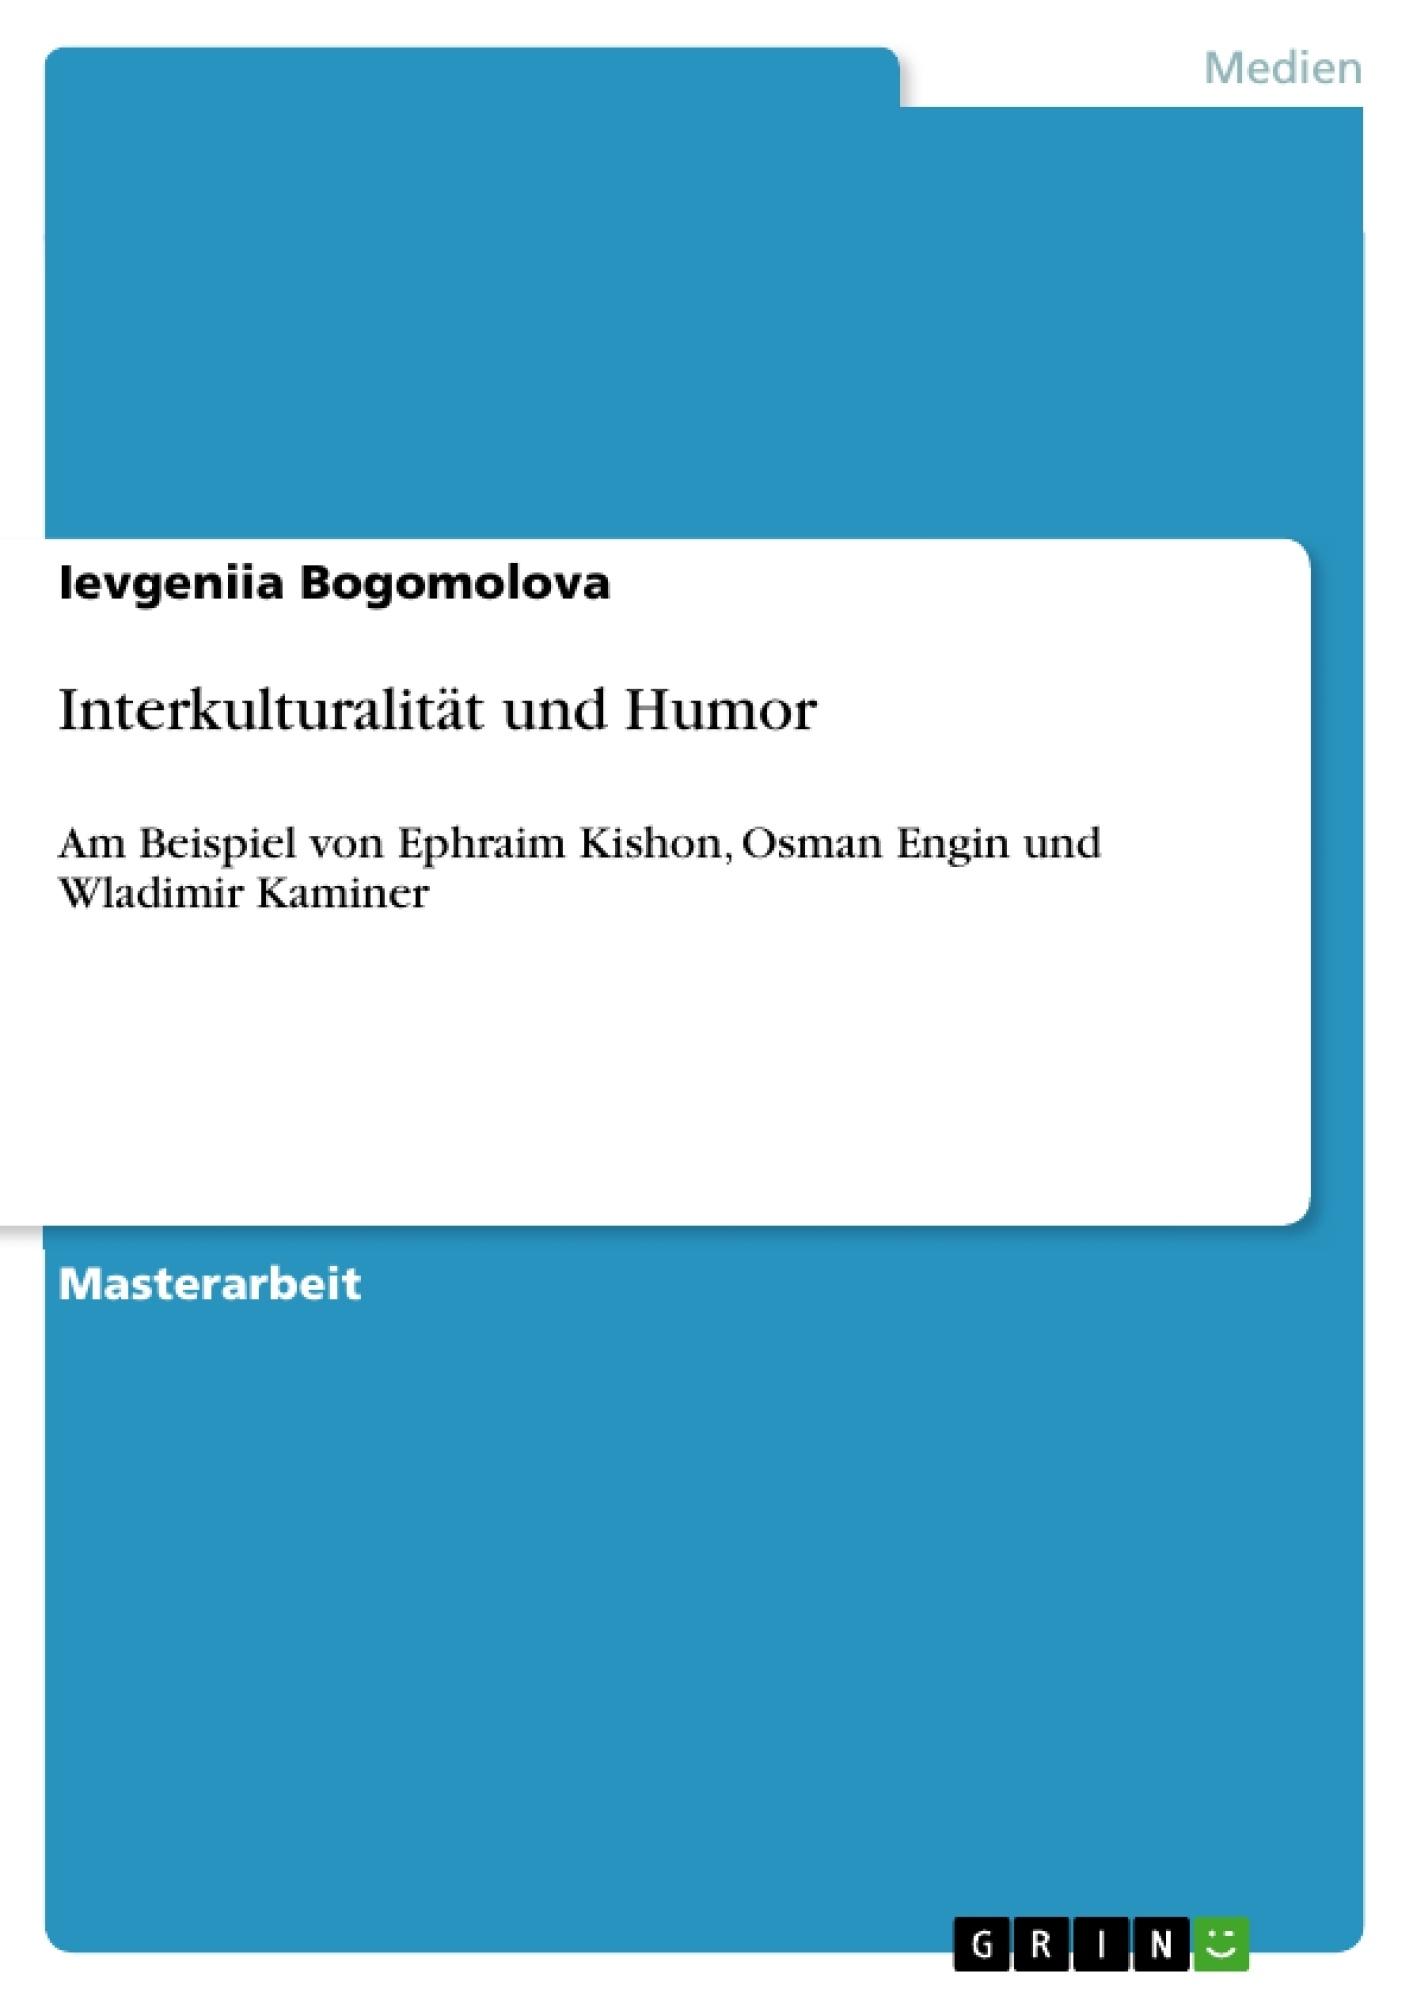 Titel: Interkulturalität und Humor